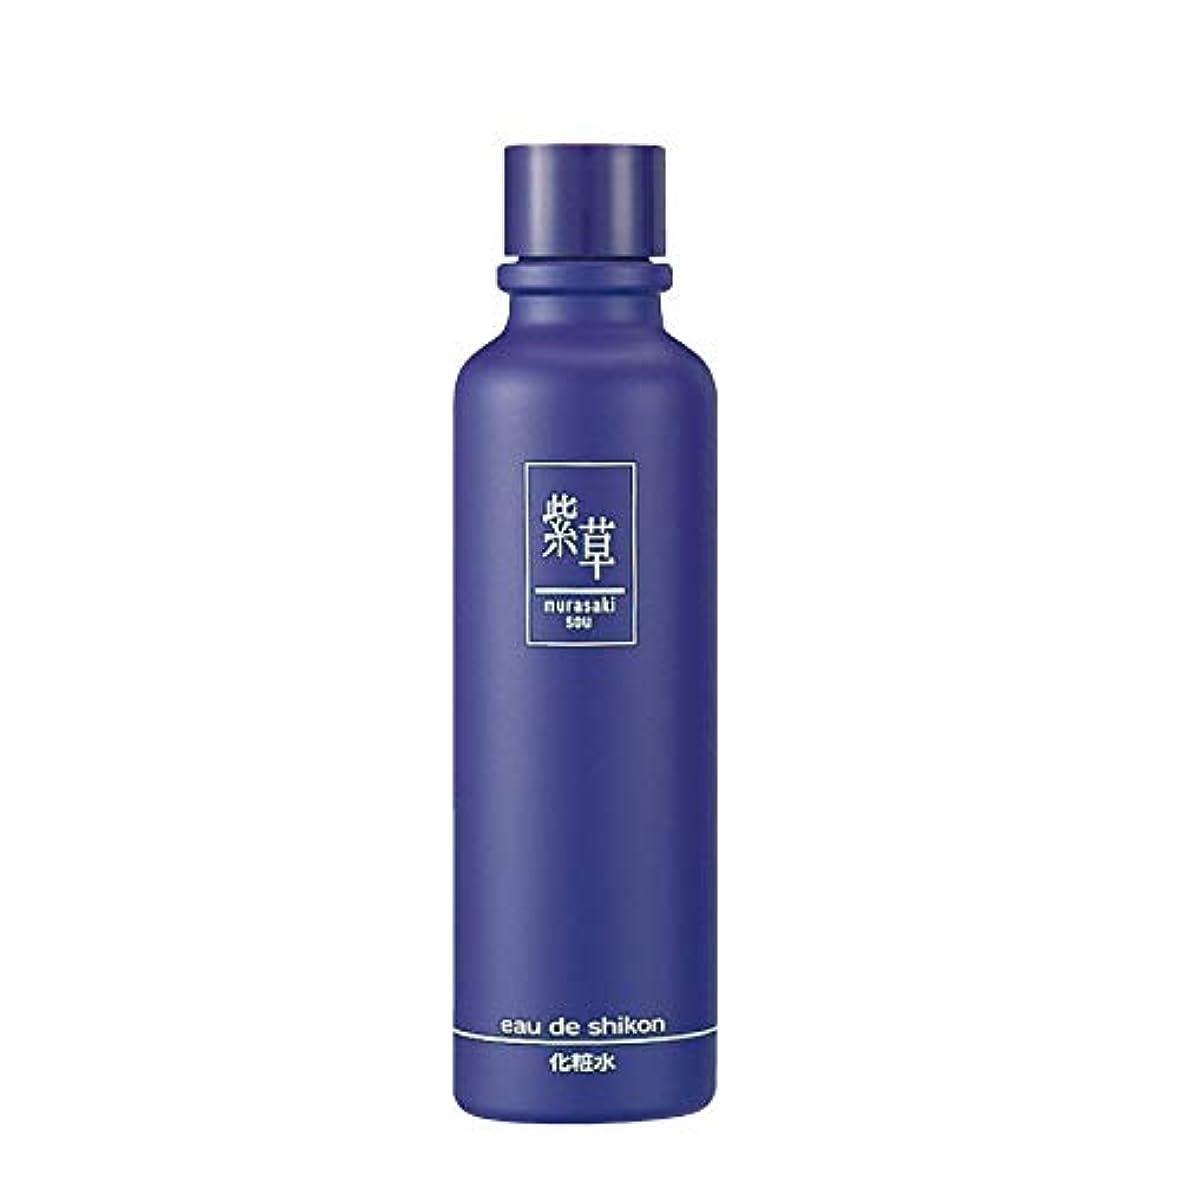 シャベルバーストあらゆる種類の紫草 オーデシコン無香料(化粧水)